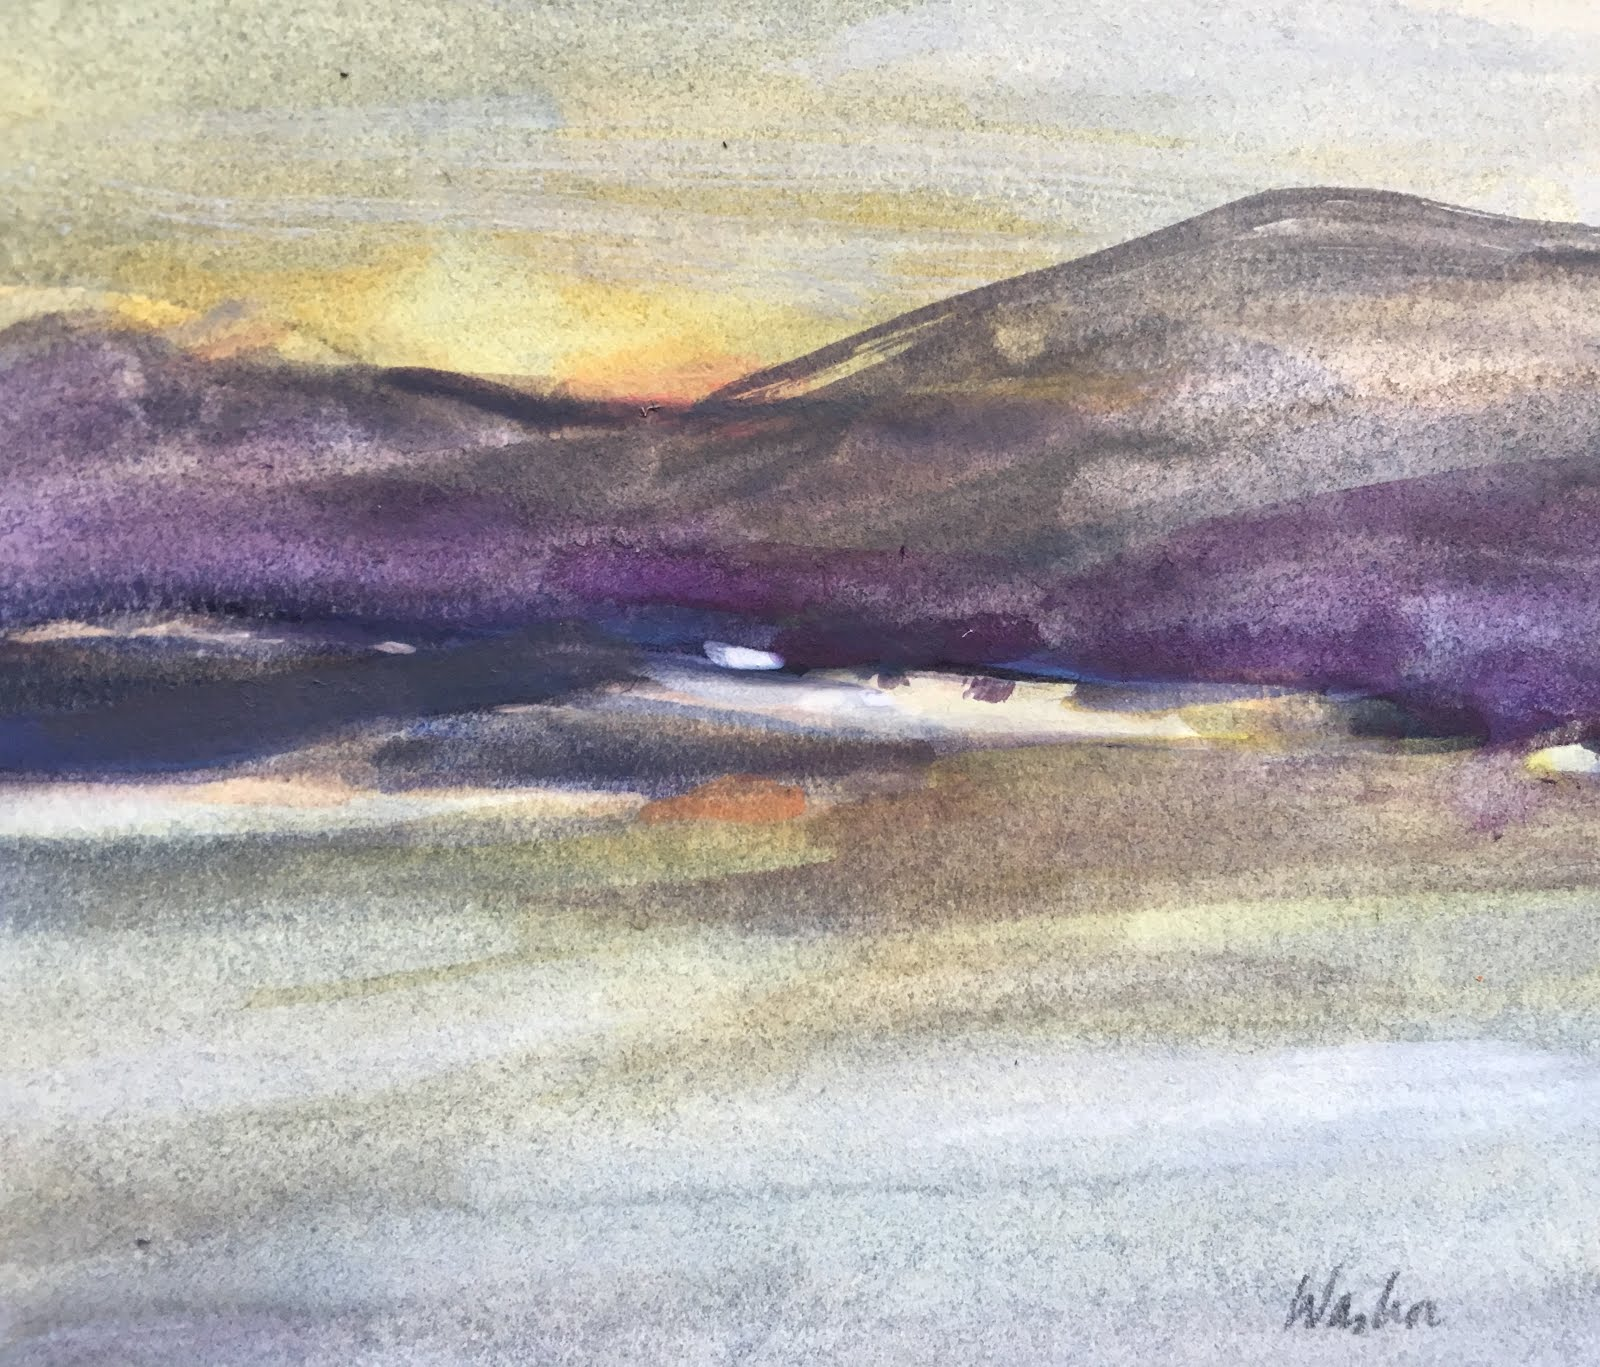 Joyce Washor: Ashokan Reservoir watercolors